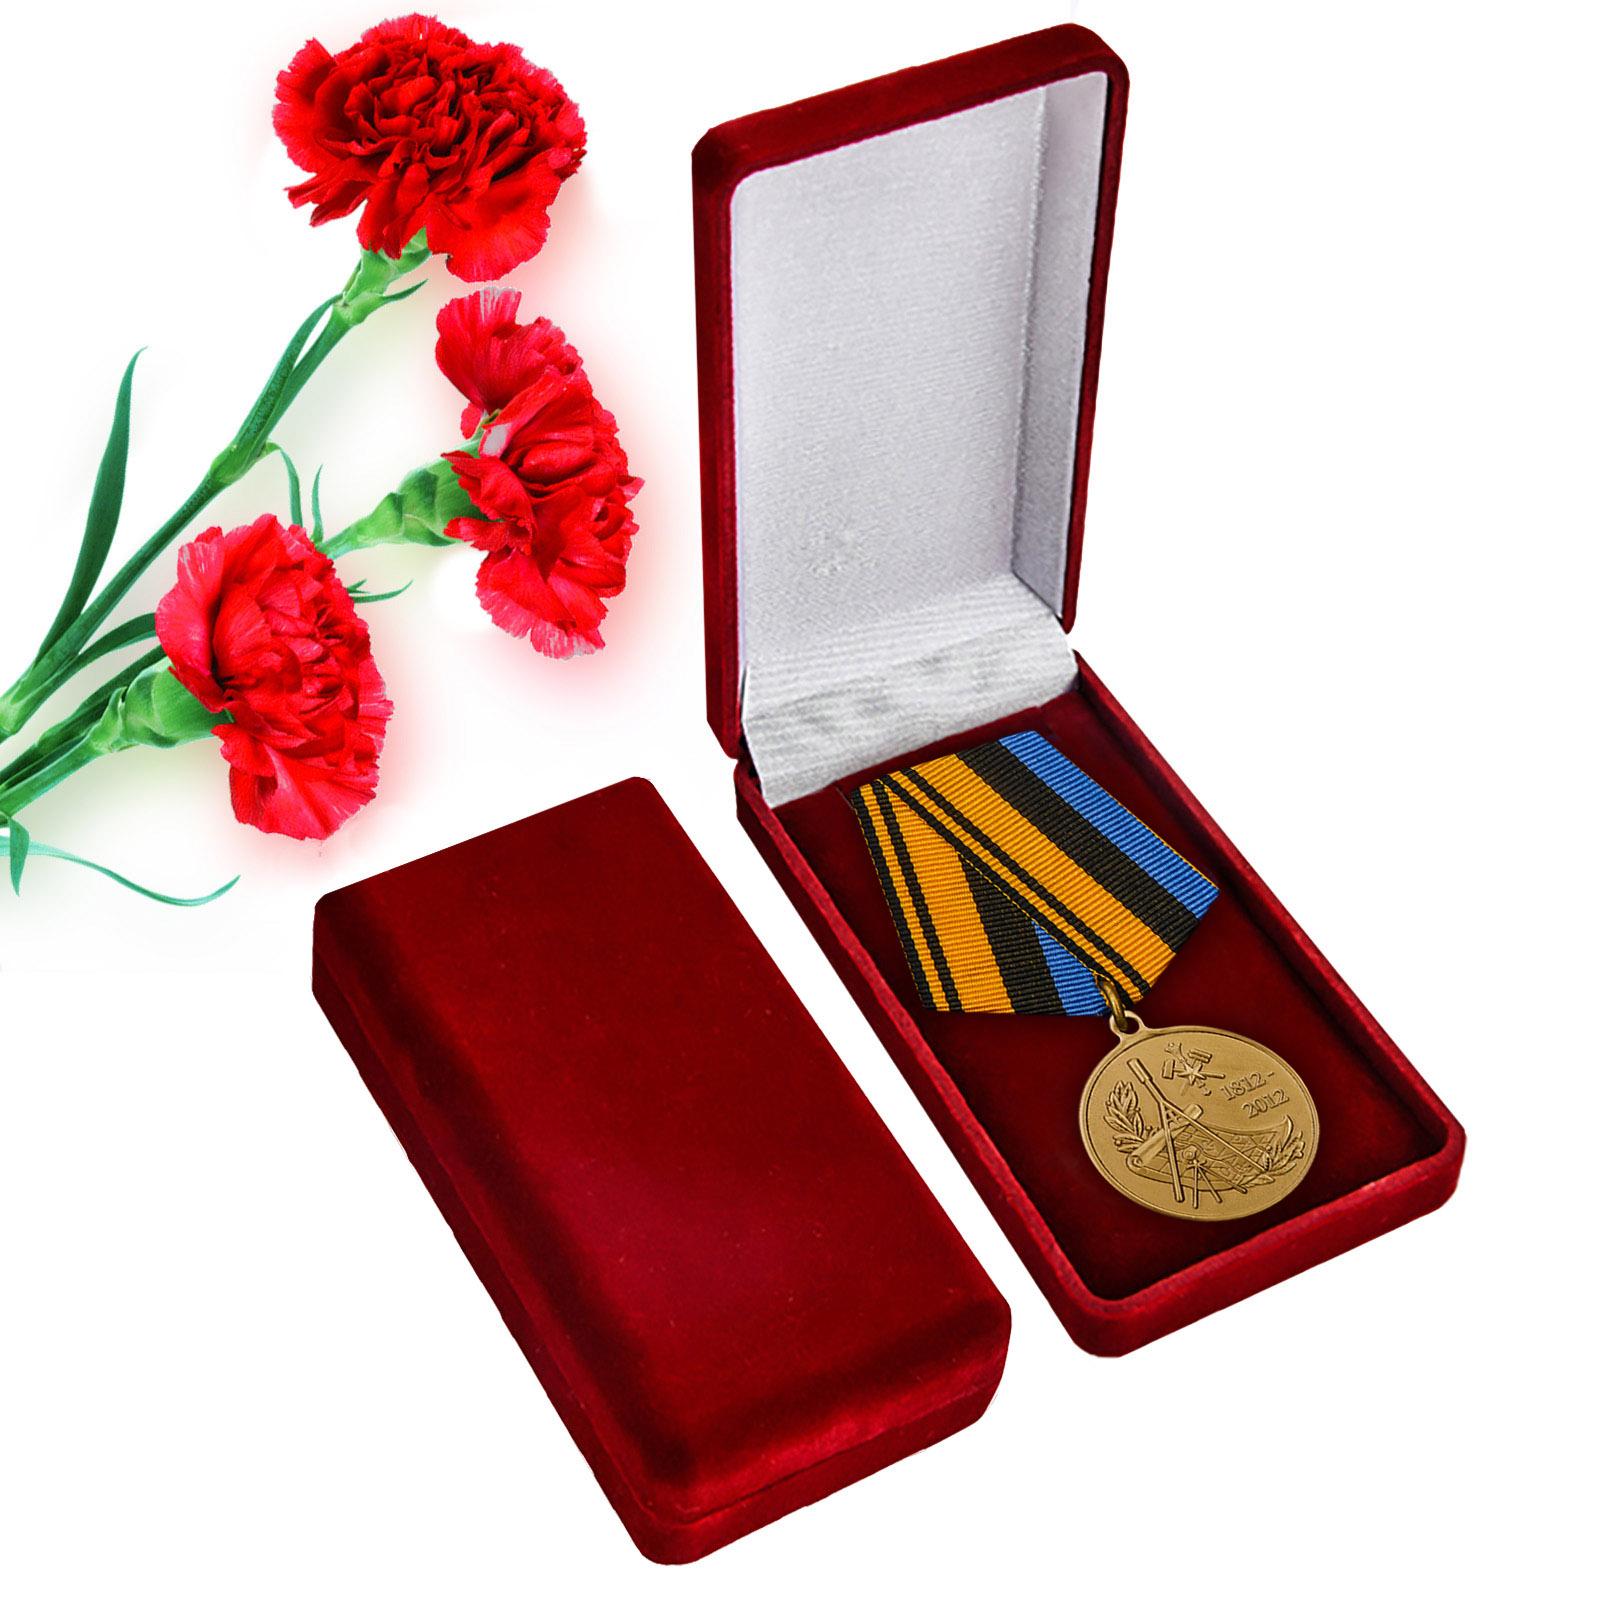 Купить медаль МО РФ 200 лет Военно-топографическому управлению Генерального штаба онлайн